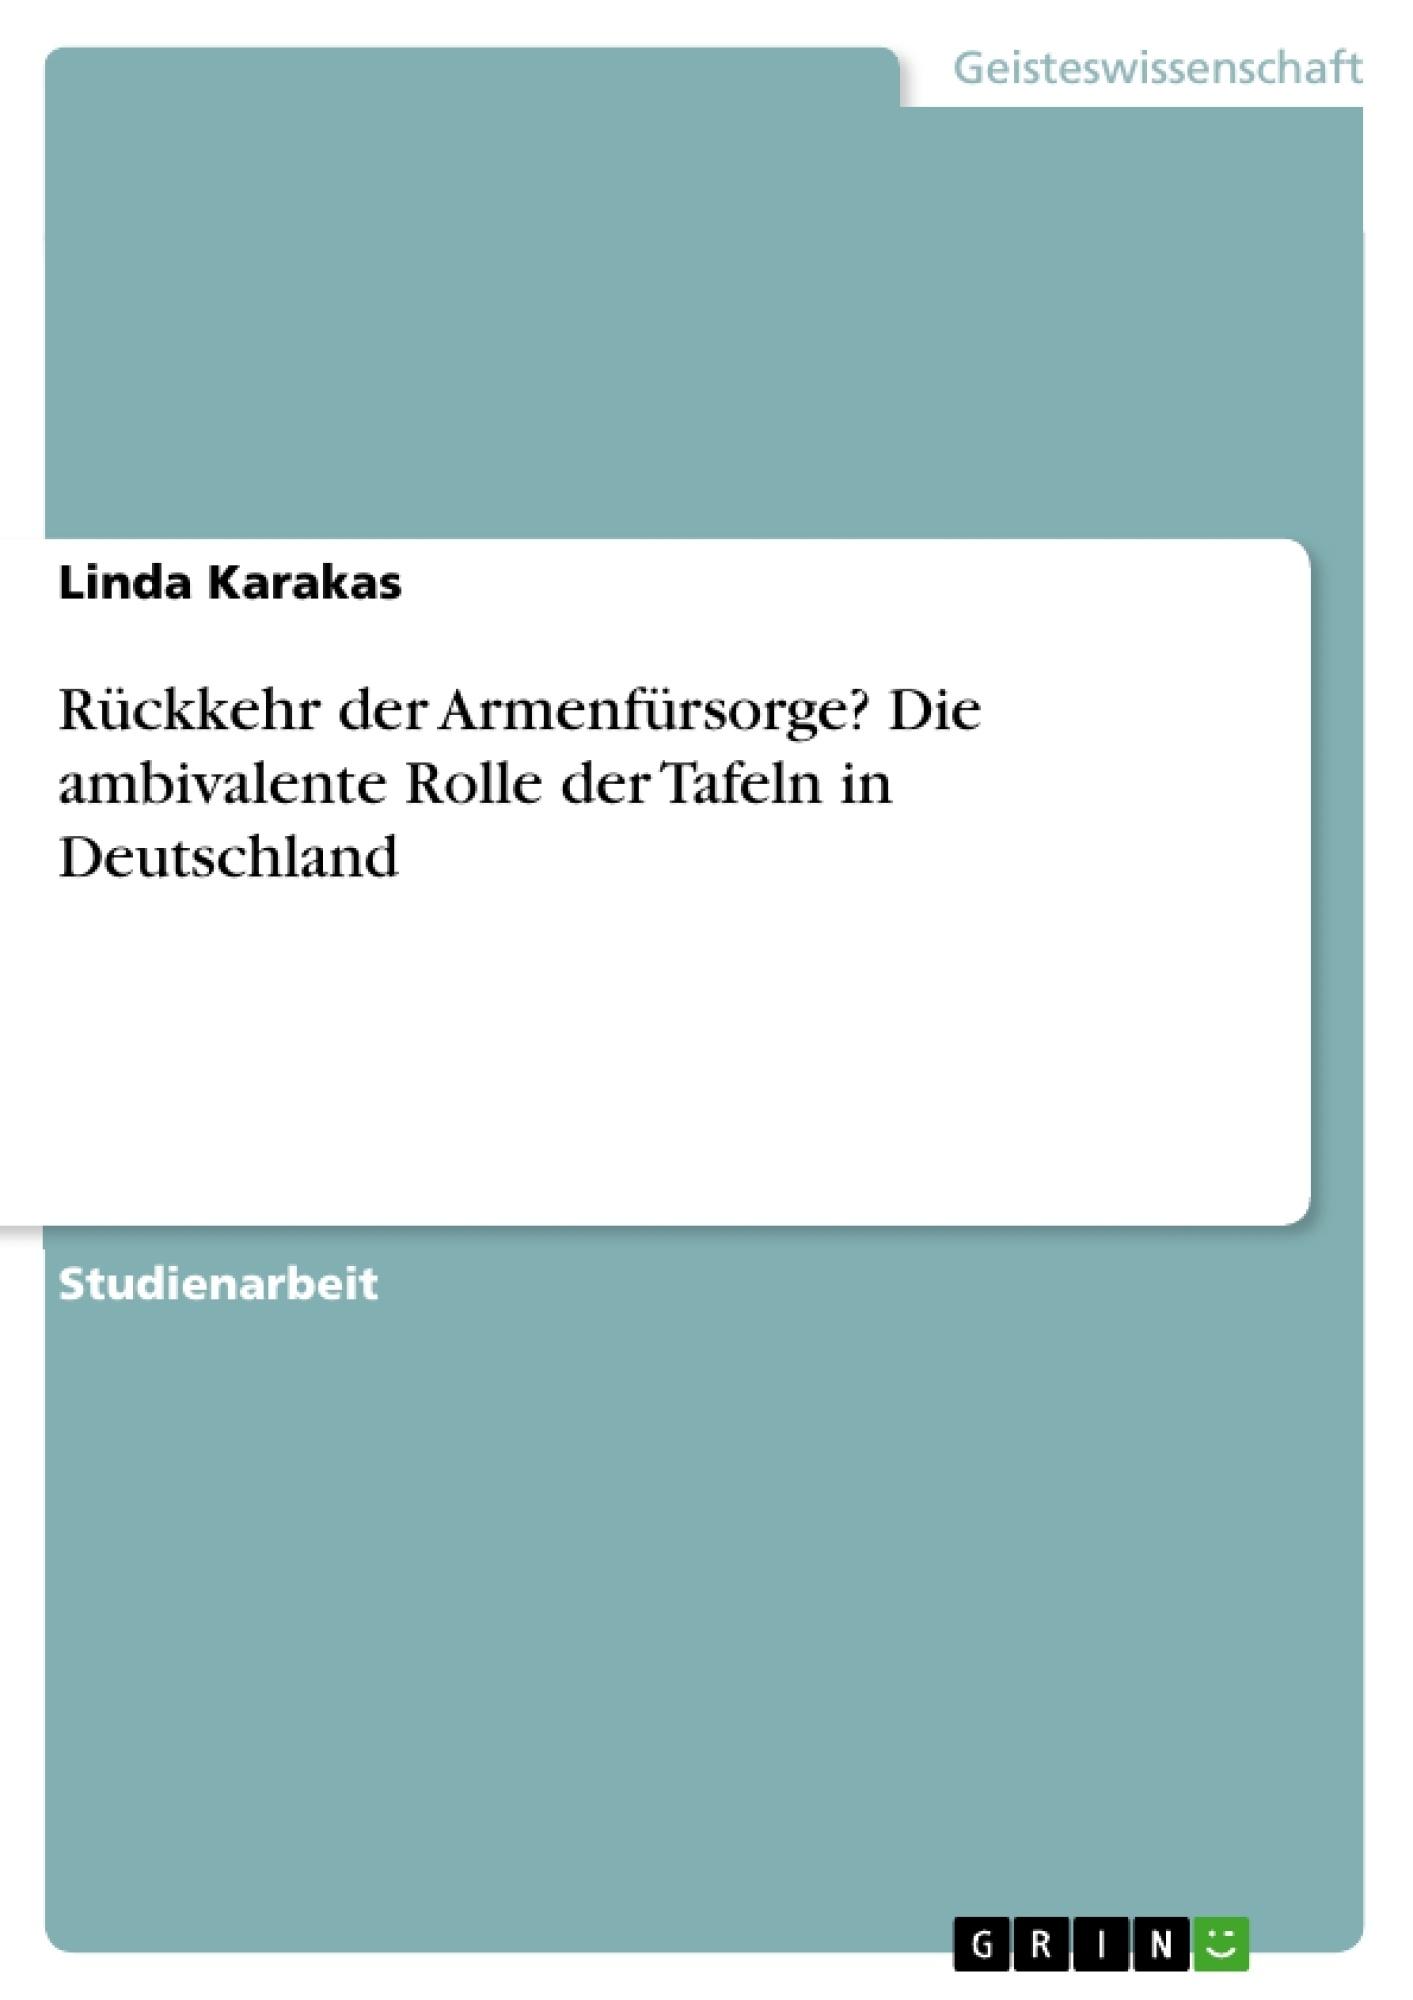 Titel: Rückkehr der Armenfürsorge? Die ambivalente Rolle der Tafeln in Deutschland